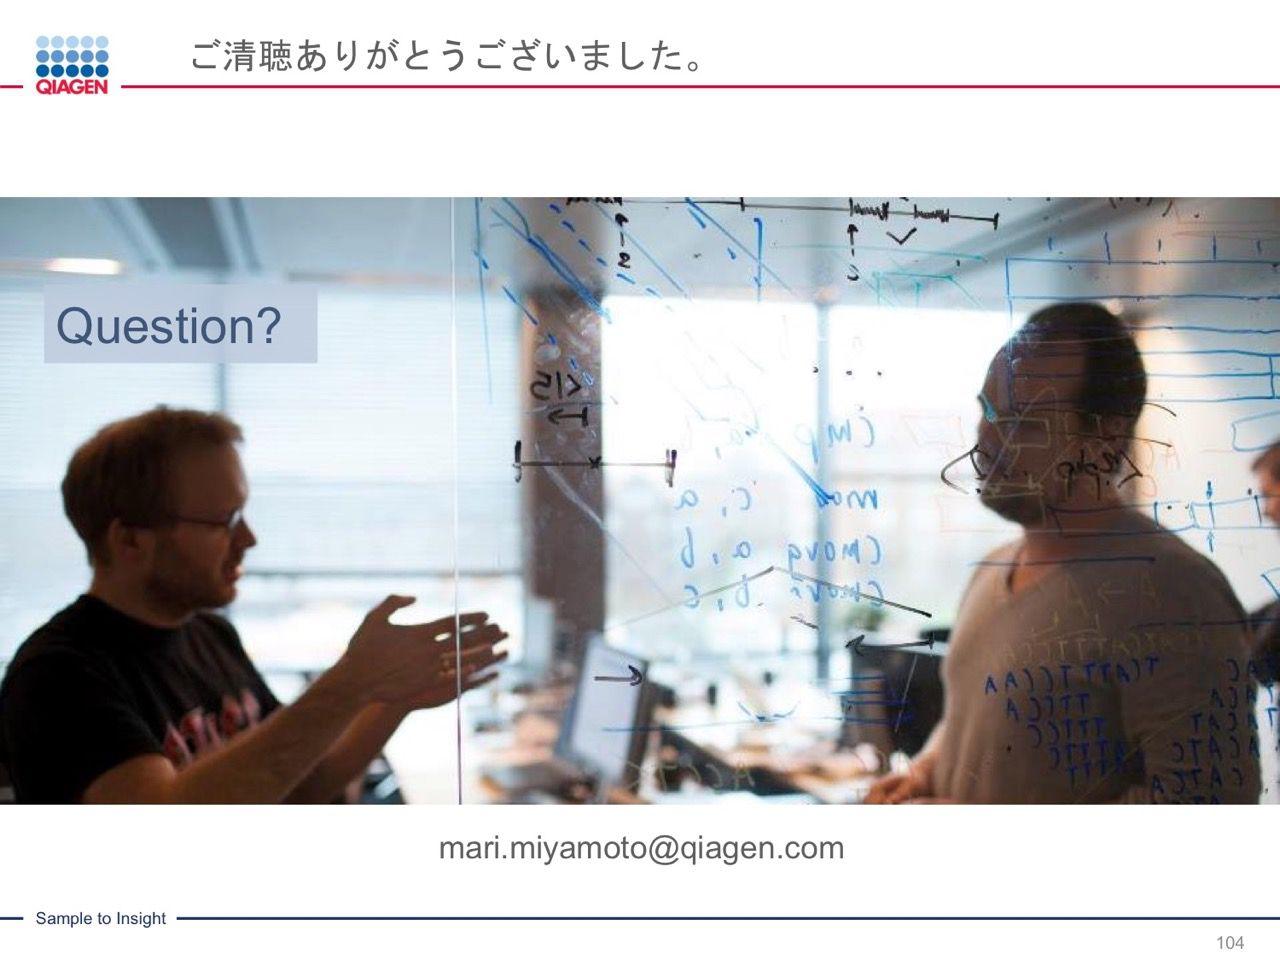 images/AJACSa2_miyamoto_104.jpg